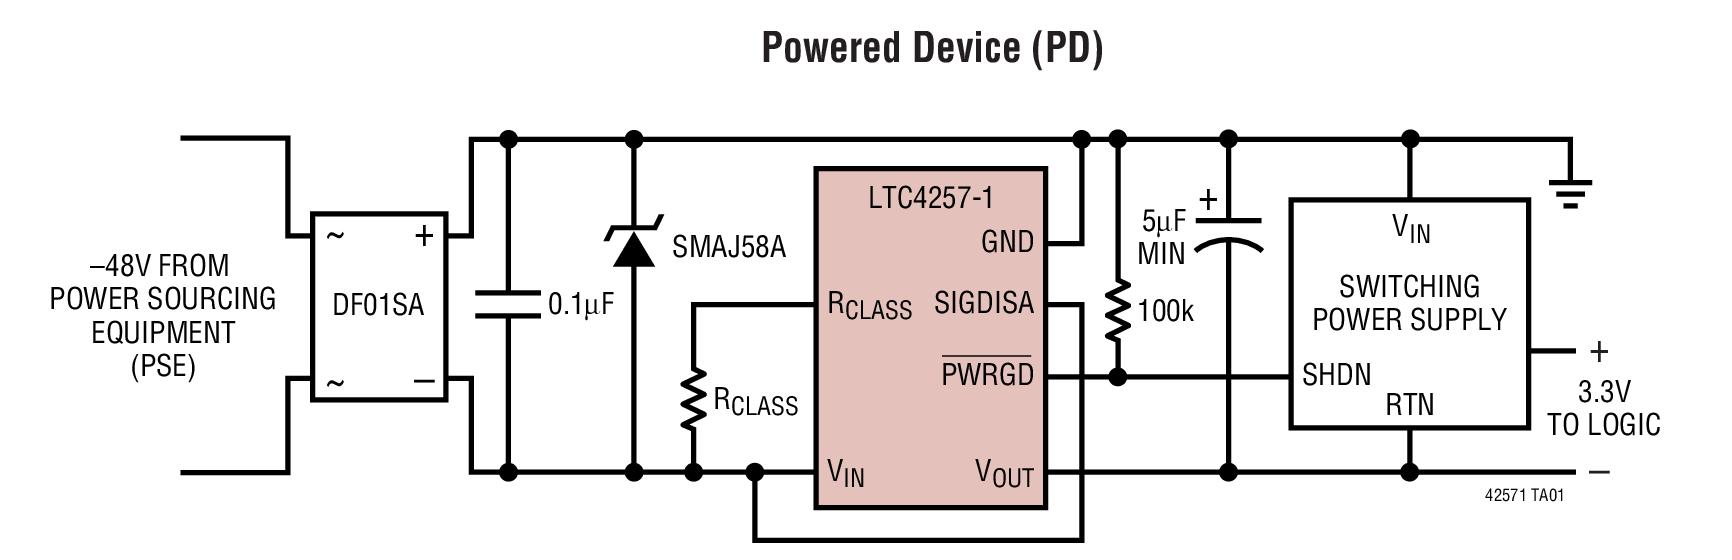 LTC4257-1 具有双电流限值的IEEE 802.3af PD 以太网供电接口控制器